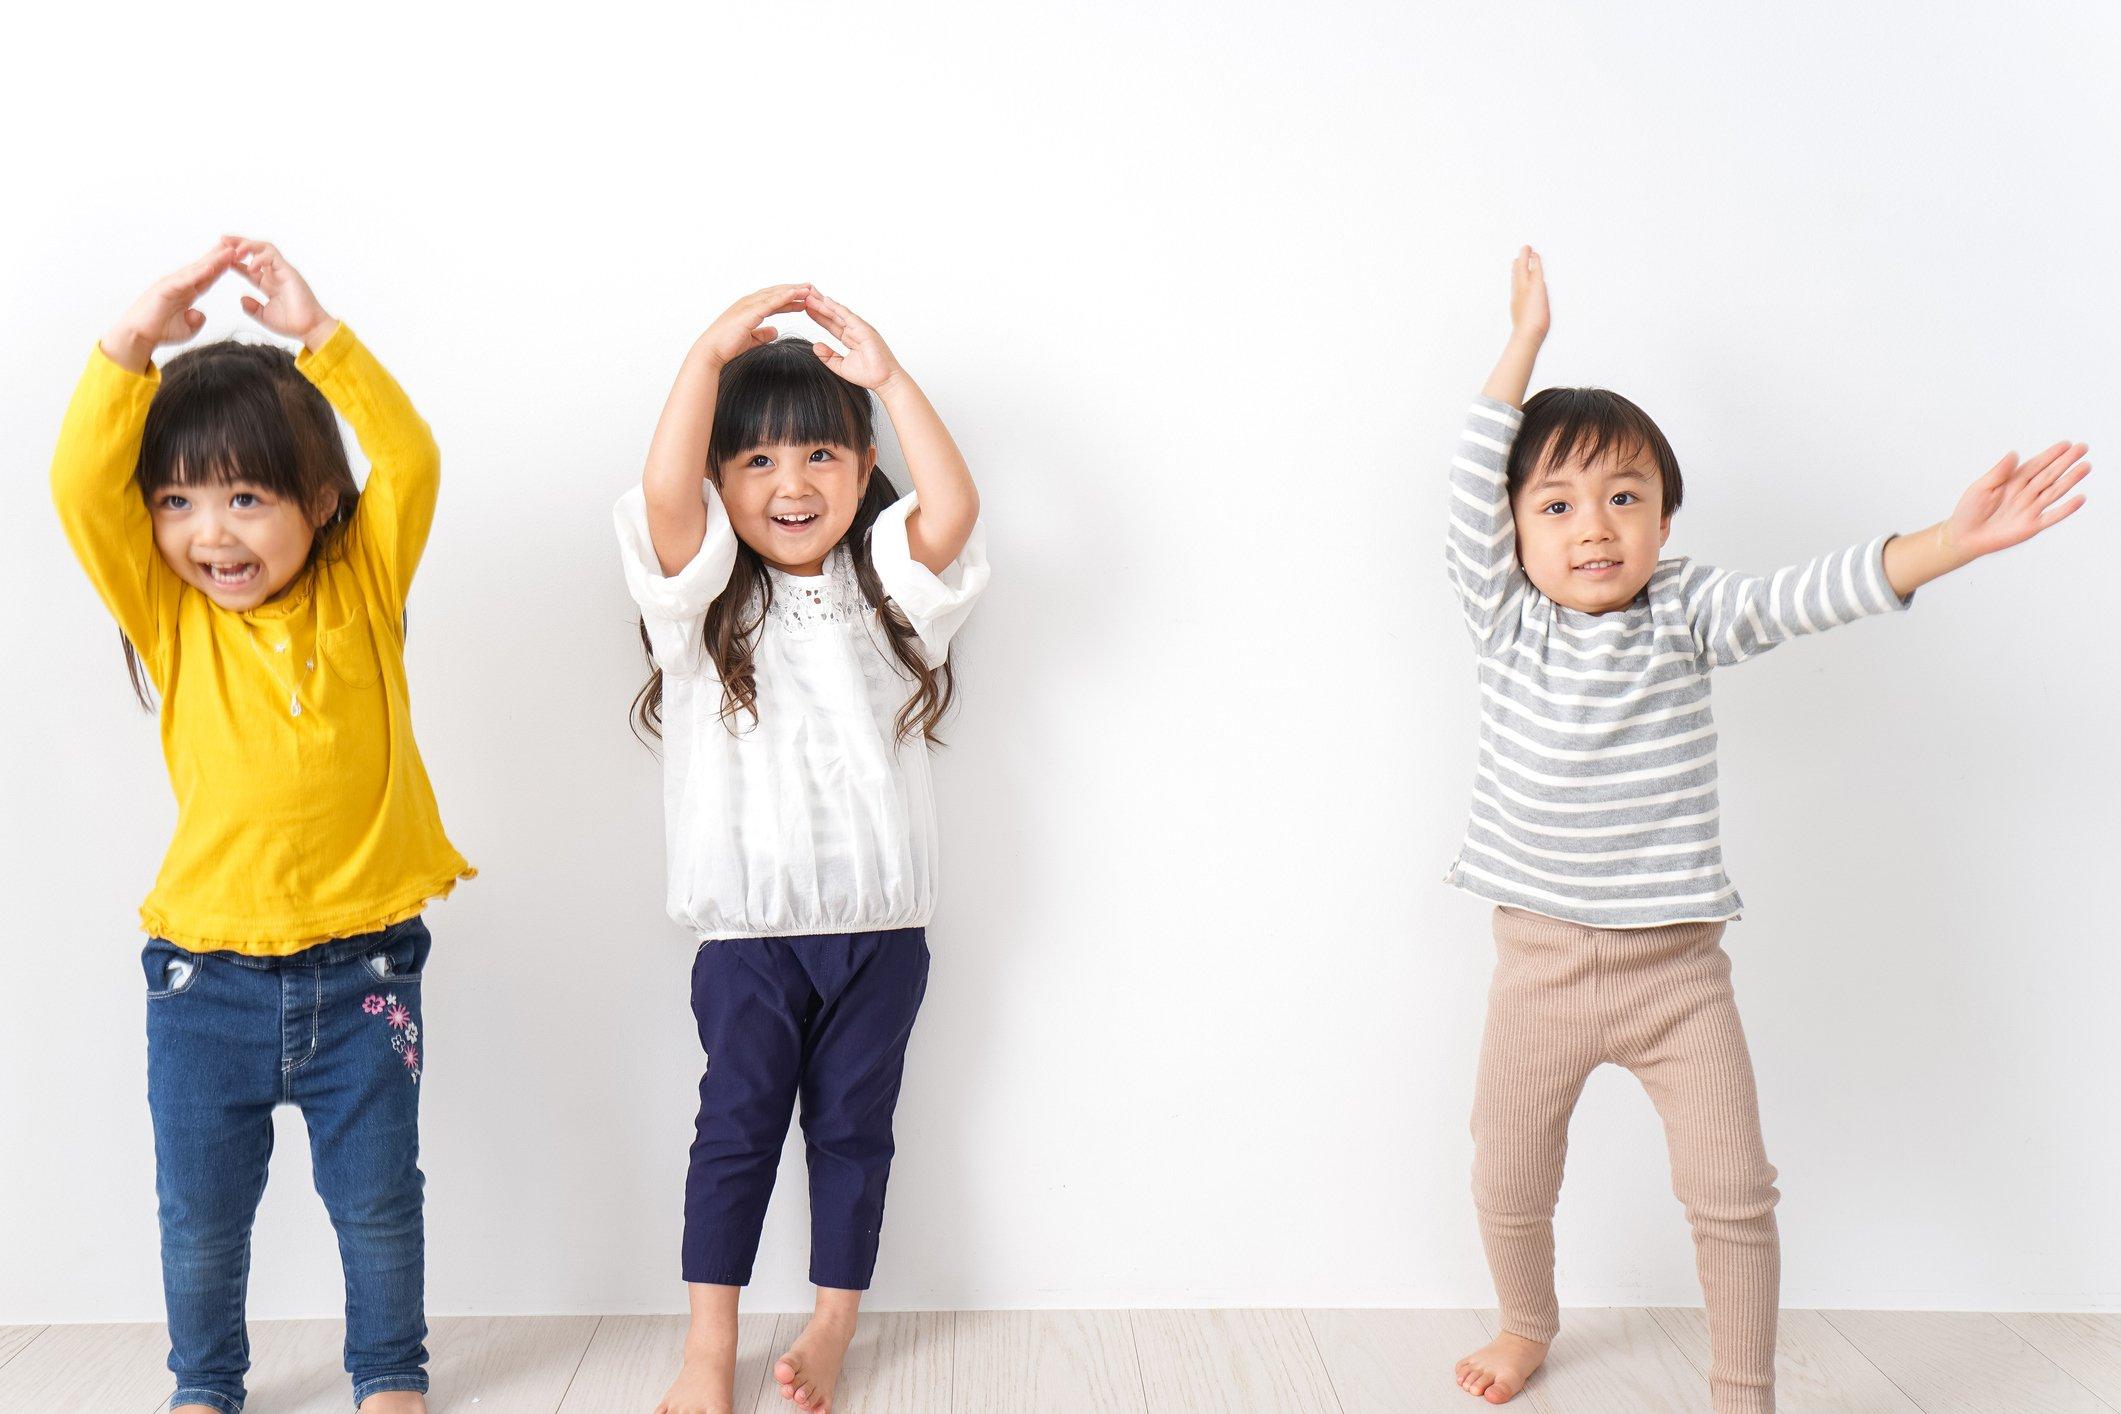 49 Activités Physiques Plaisantes À Faire Avec Des Enfants encequiconcerne Jeux En Ligne Enfant 2 Ans